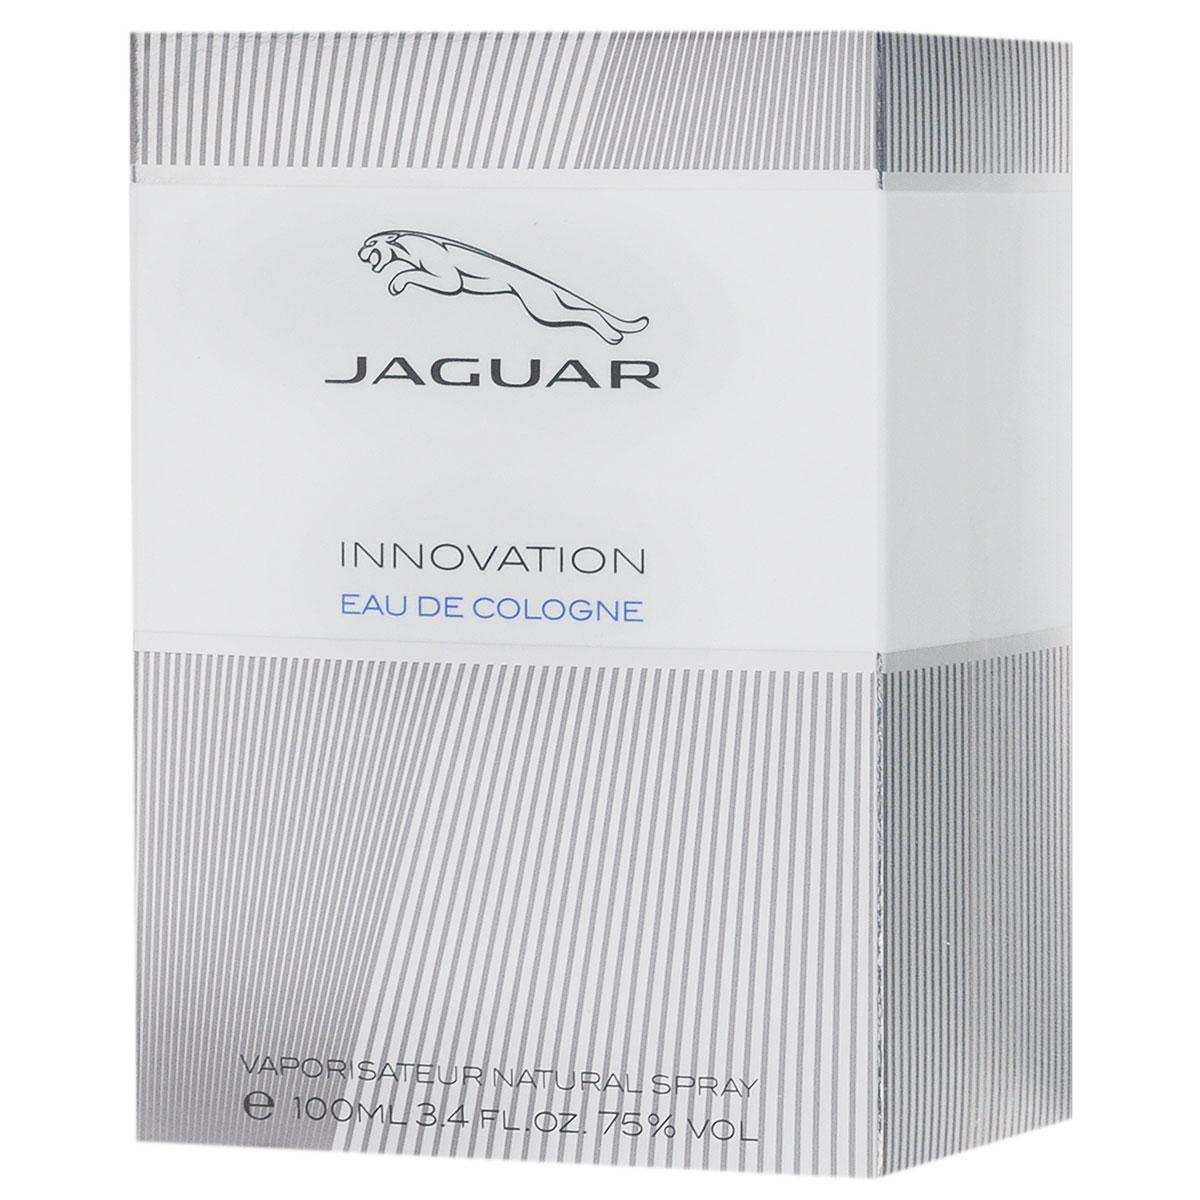 Jaguar Innovation Одеколон мужской 100 мл1301210Великолепный аромат открывается игристыми нотами бергамота и мандарина, приправленными нотами кориандра. Богатые ноты сердца состоят из чувственного ириса, пачули и кедровых нот, придающих аромату насыщенность и стойкость. Композиция завершается аккордами кожи, мускуса и ванили, тем самым, создавая прекрасную подпись для джентльмена. Семейство ароматов: Древесно-Цитрусовый Парфюмер: Michel Almairac, Robertet, Paris Год выпуска: 2014 Начальная нота: Бергамот, Мандарин, Кориандр Ноты сердца: Ирис, Пачули, Кедровое дерево Базовые ноты: Кожа, Мускус, Ваниль